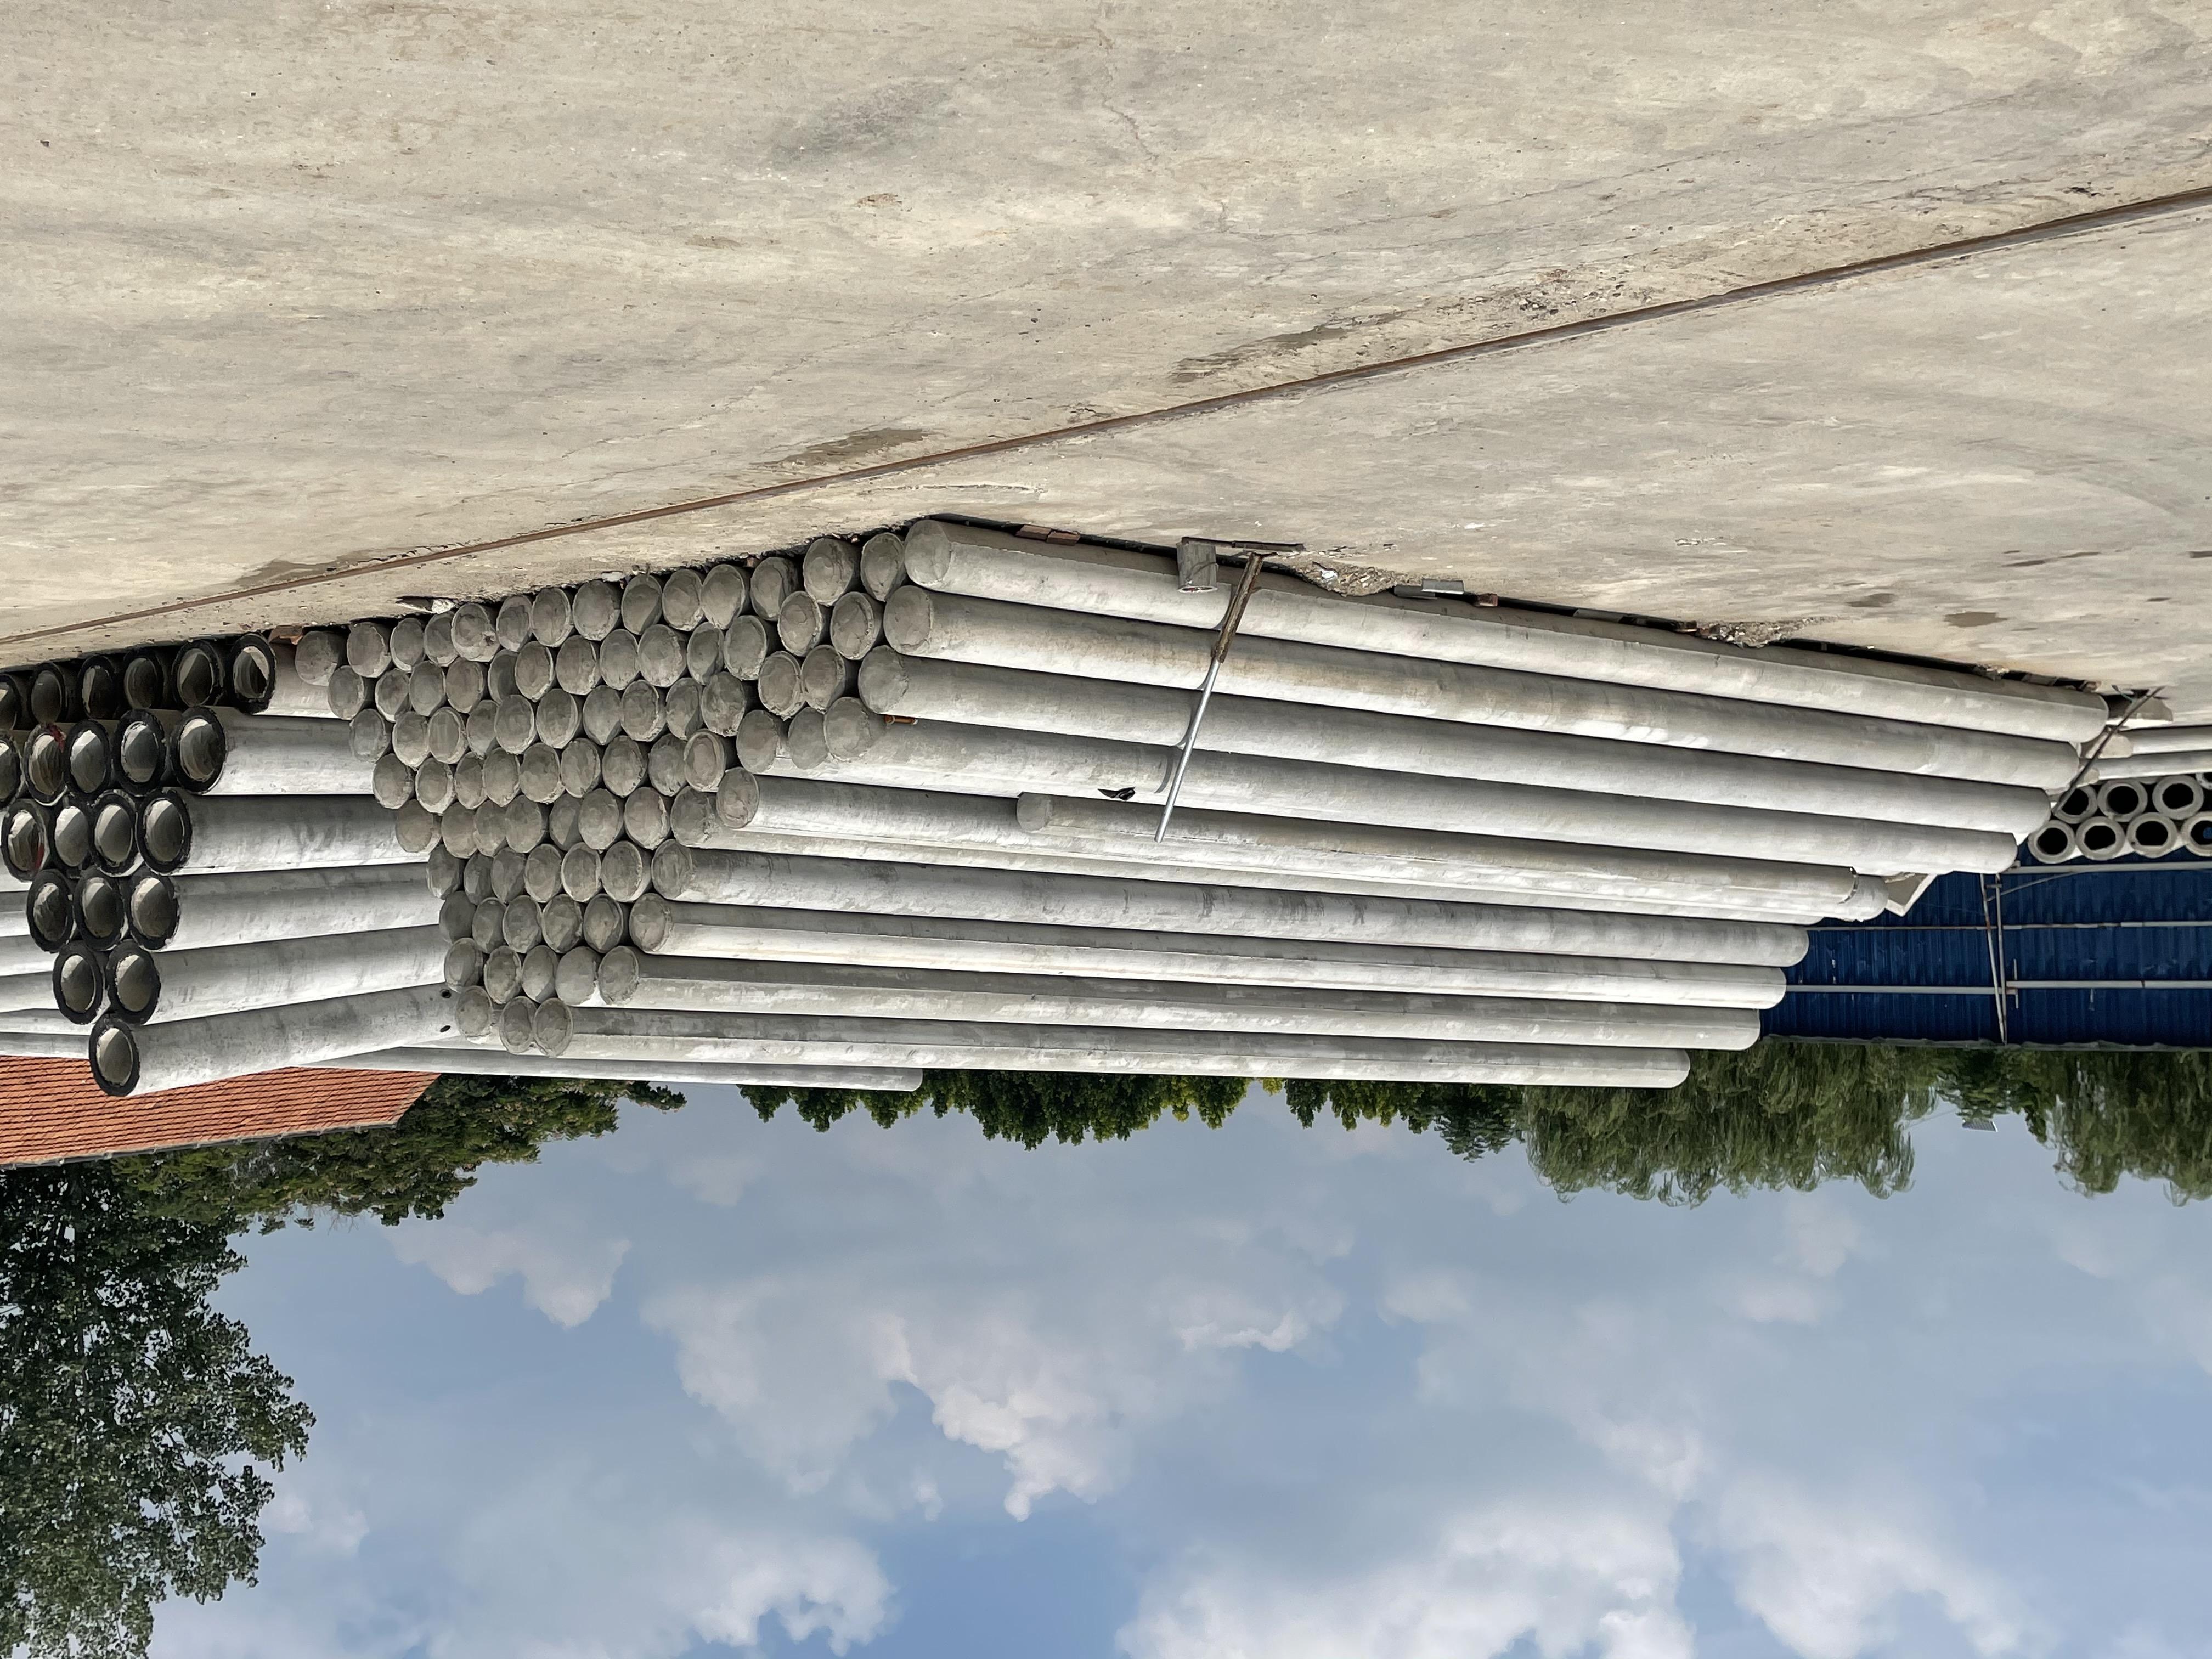 水泥杆腐蚀的特征和原理